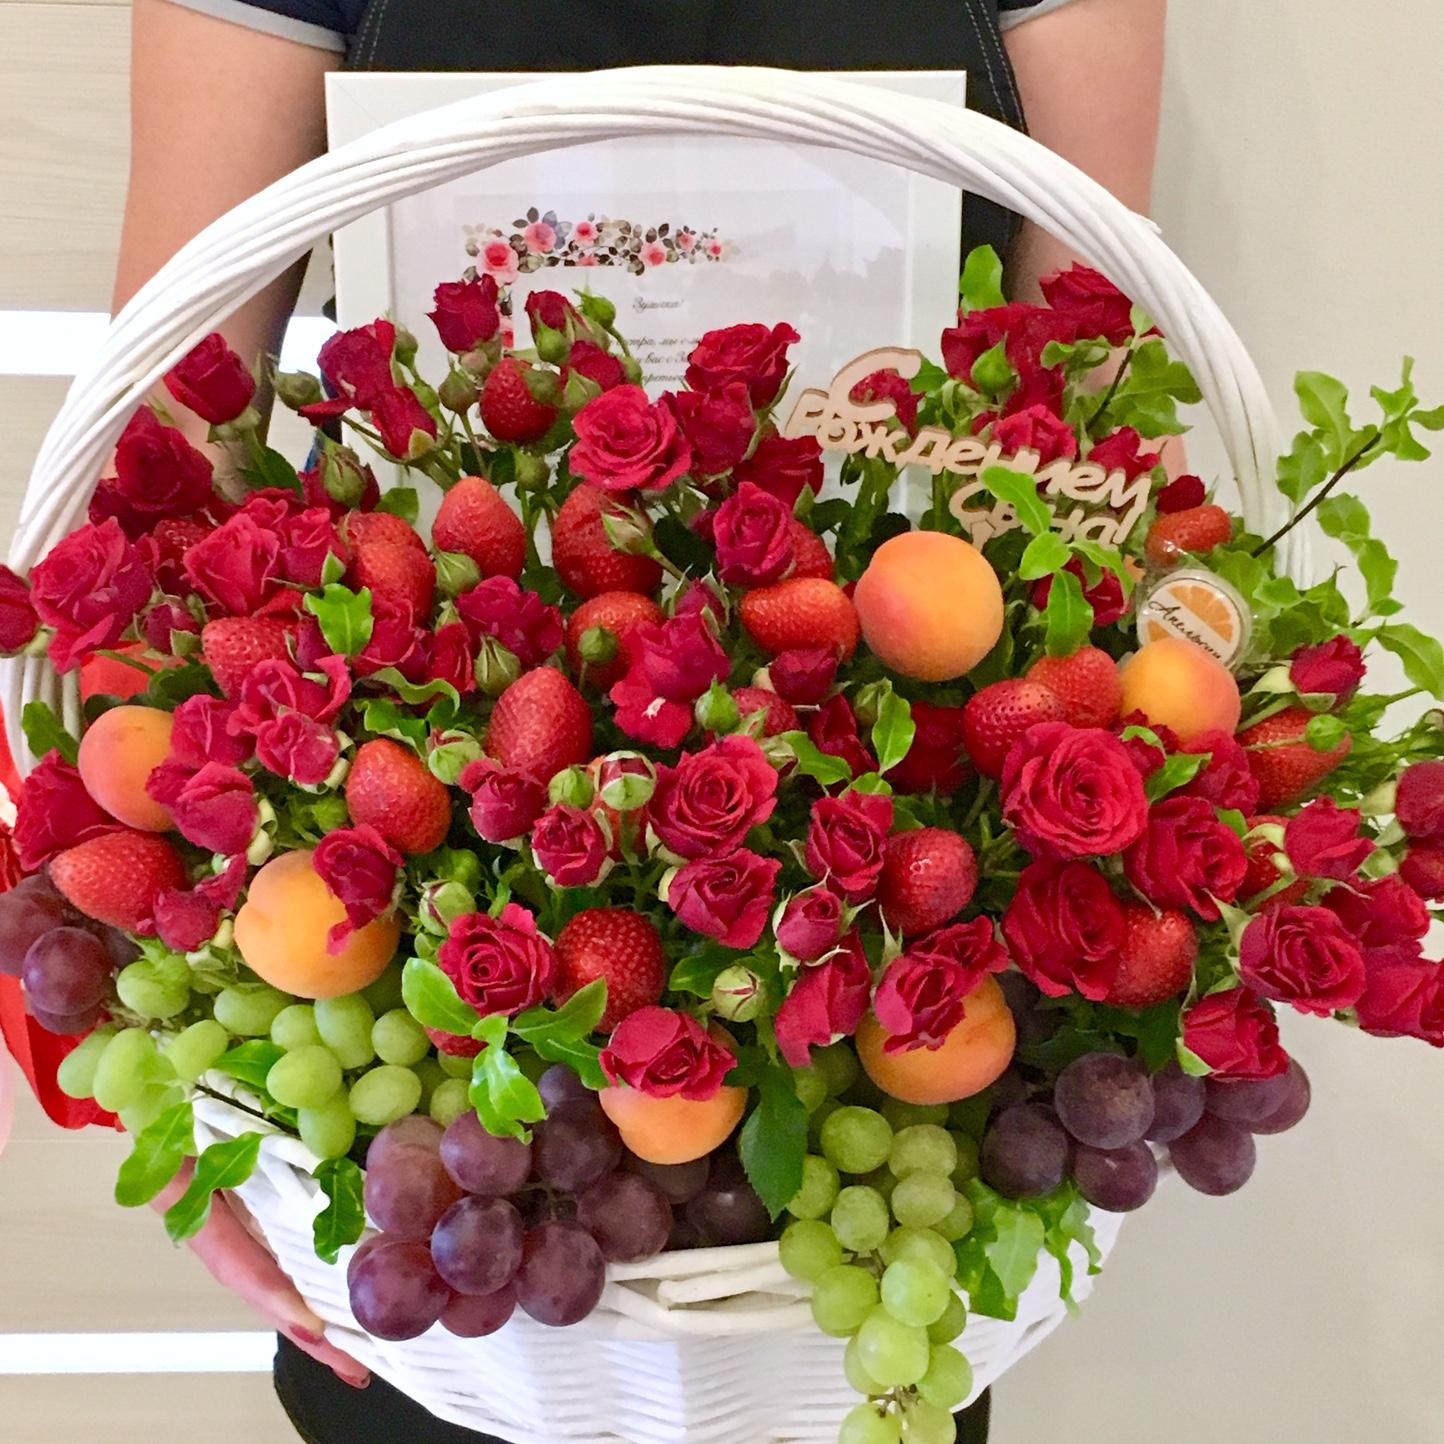 жена, корзина с ягодами и цветами фото является самым